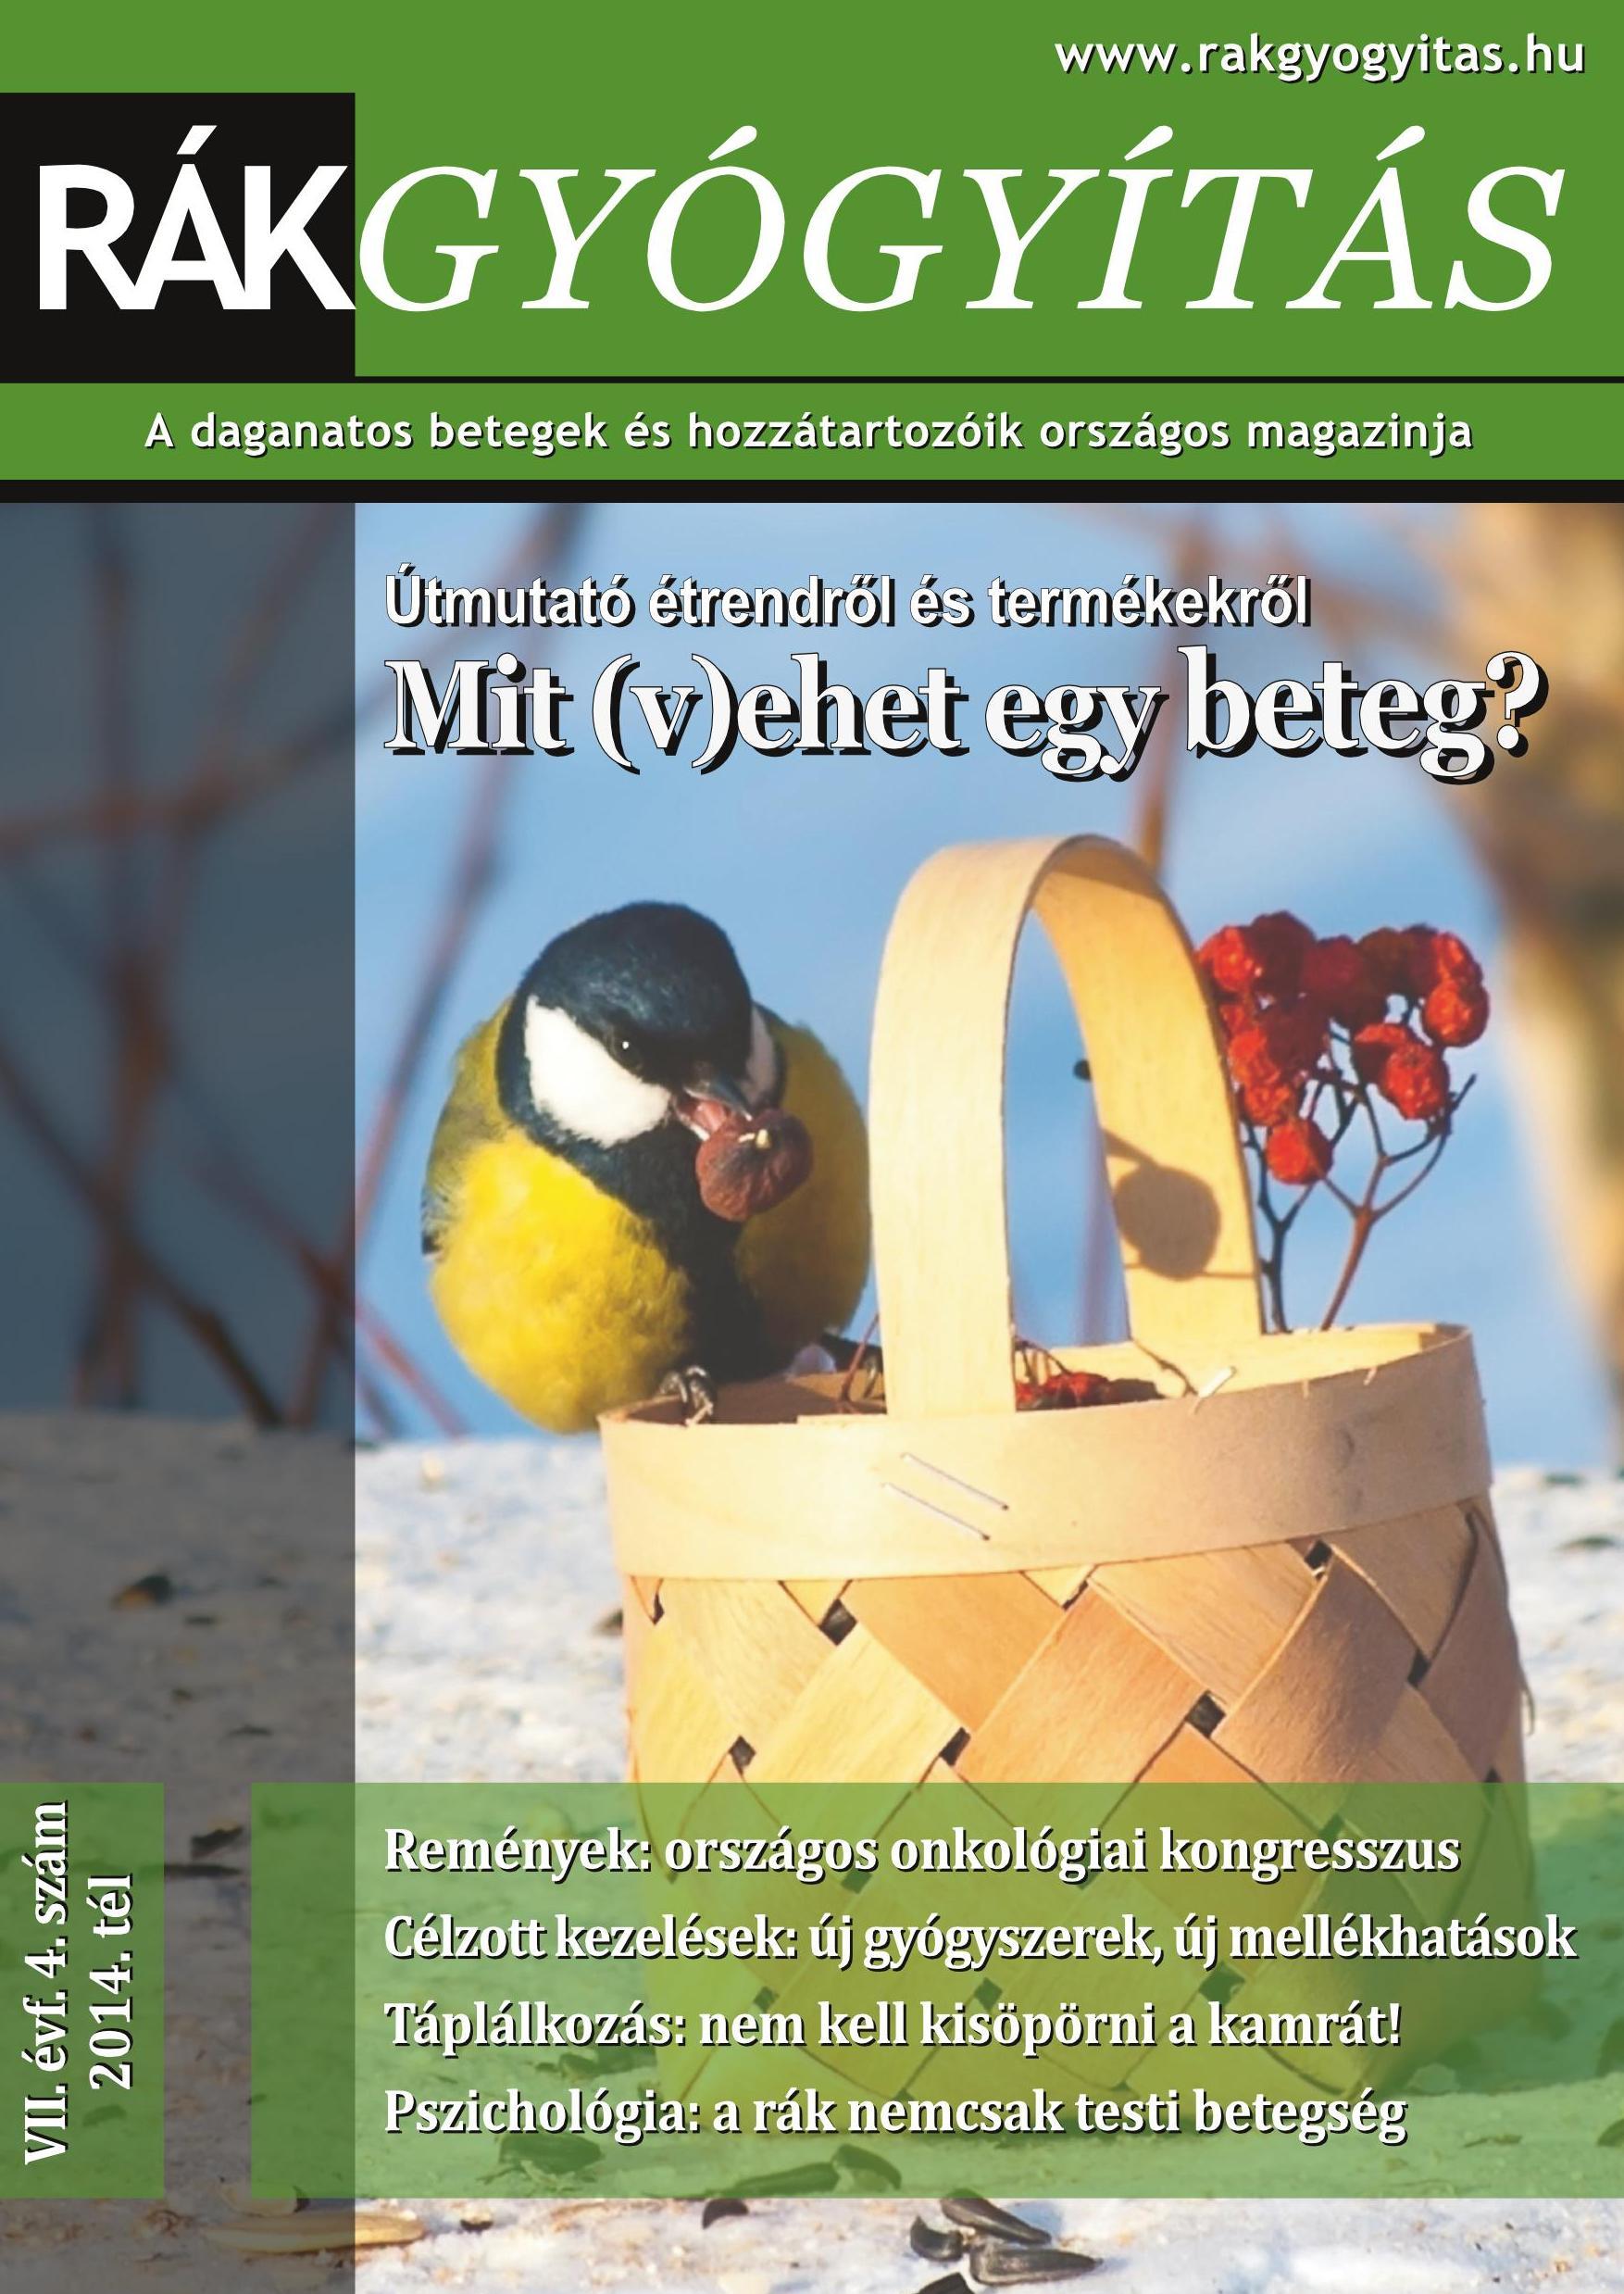 Rákgyógyítás Magazin - 2014. tél